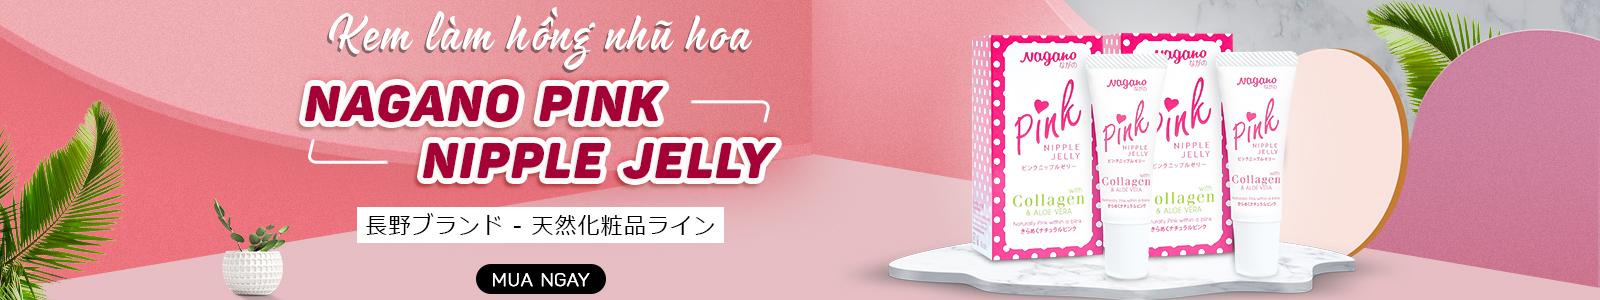 Kem làm hồng nhũ hoa Nagano Pink Nipple Jelly 10ml